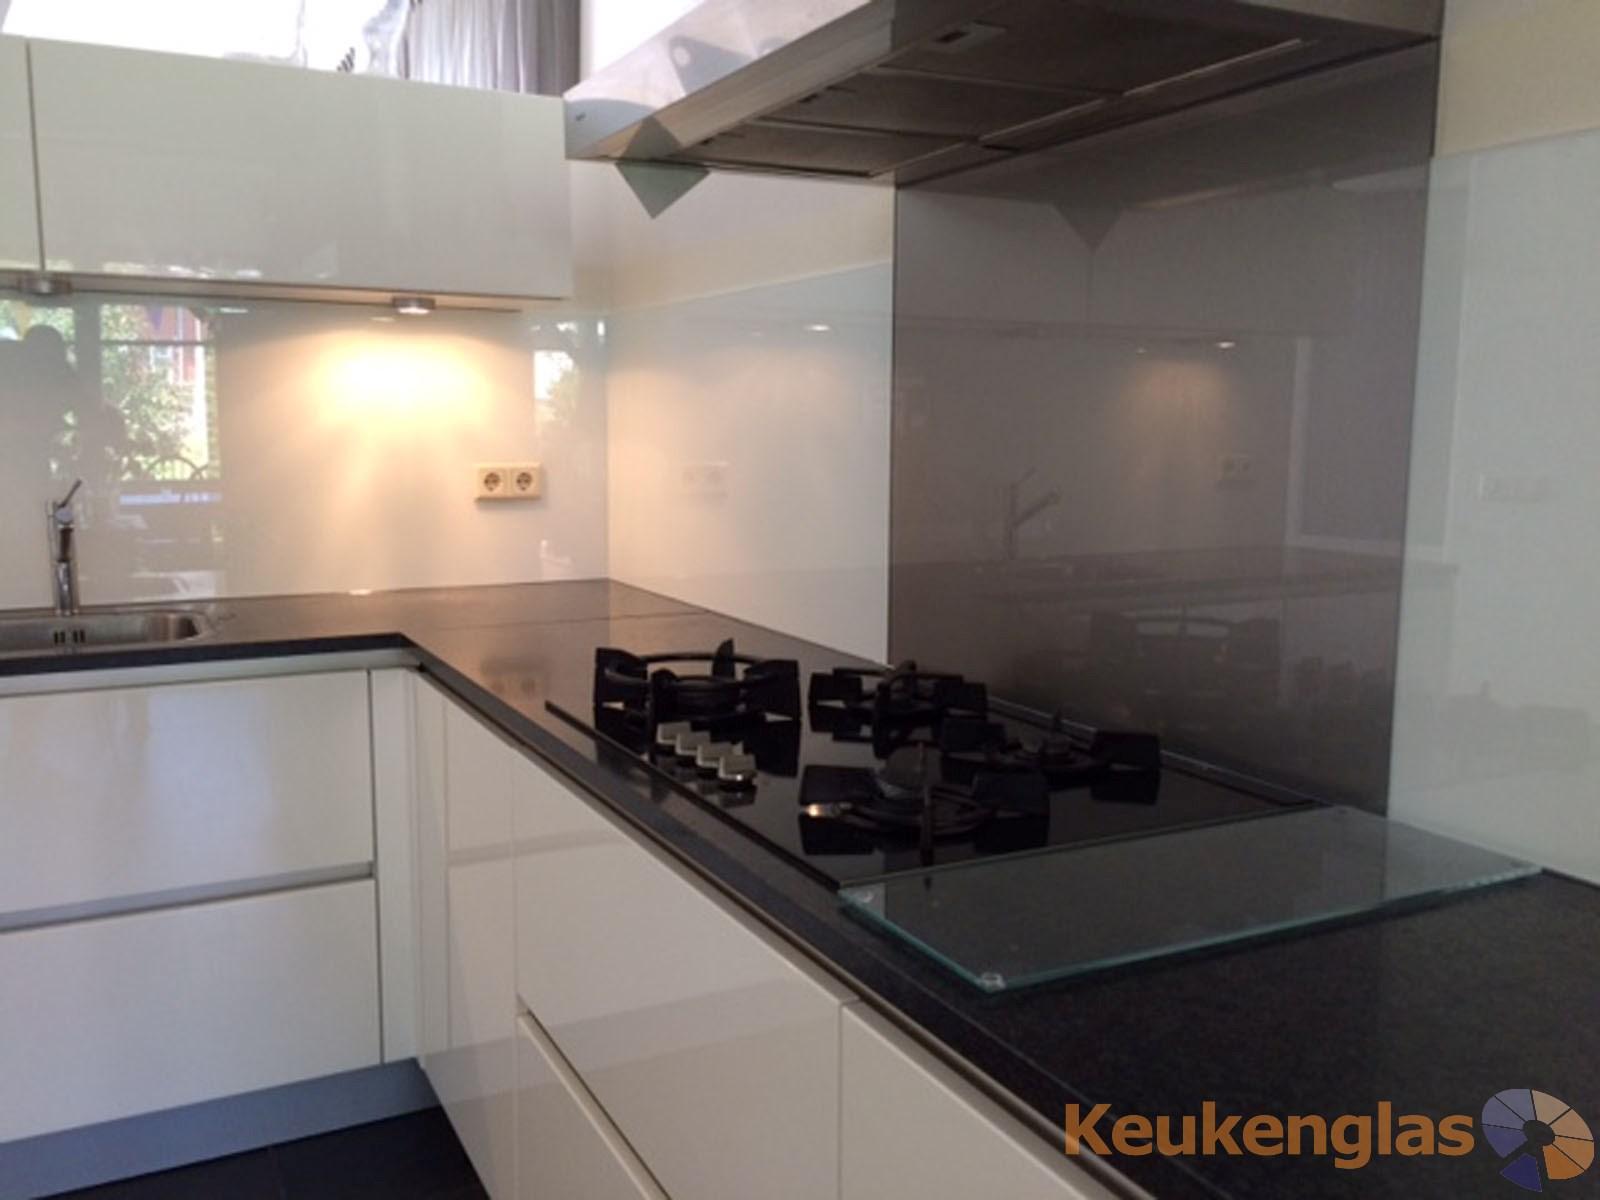 Keukenwand wit met metallic glas Heeswijk Dinther